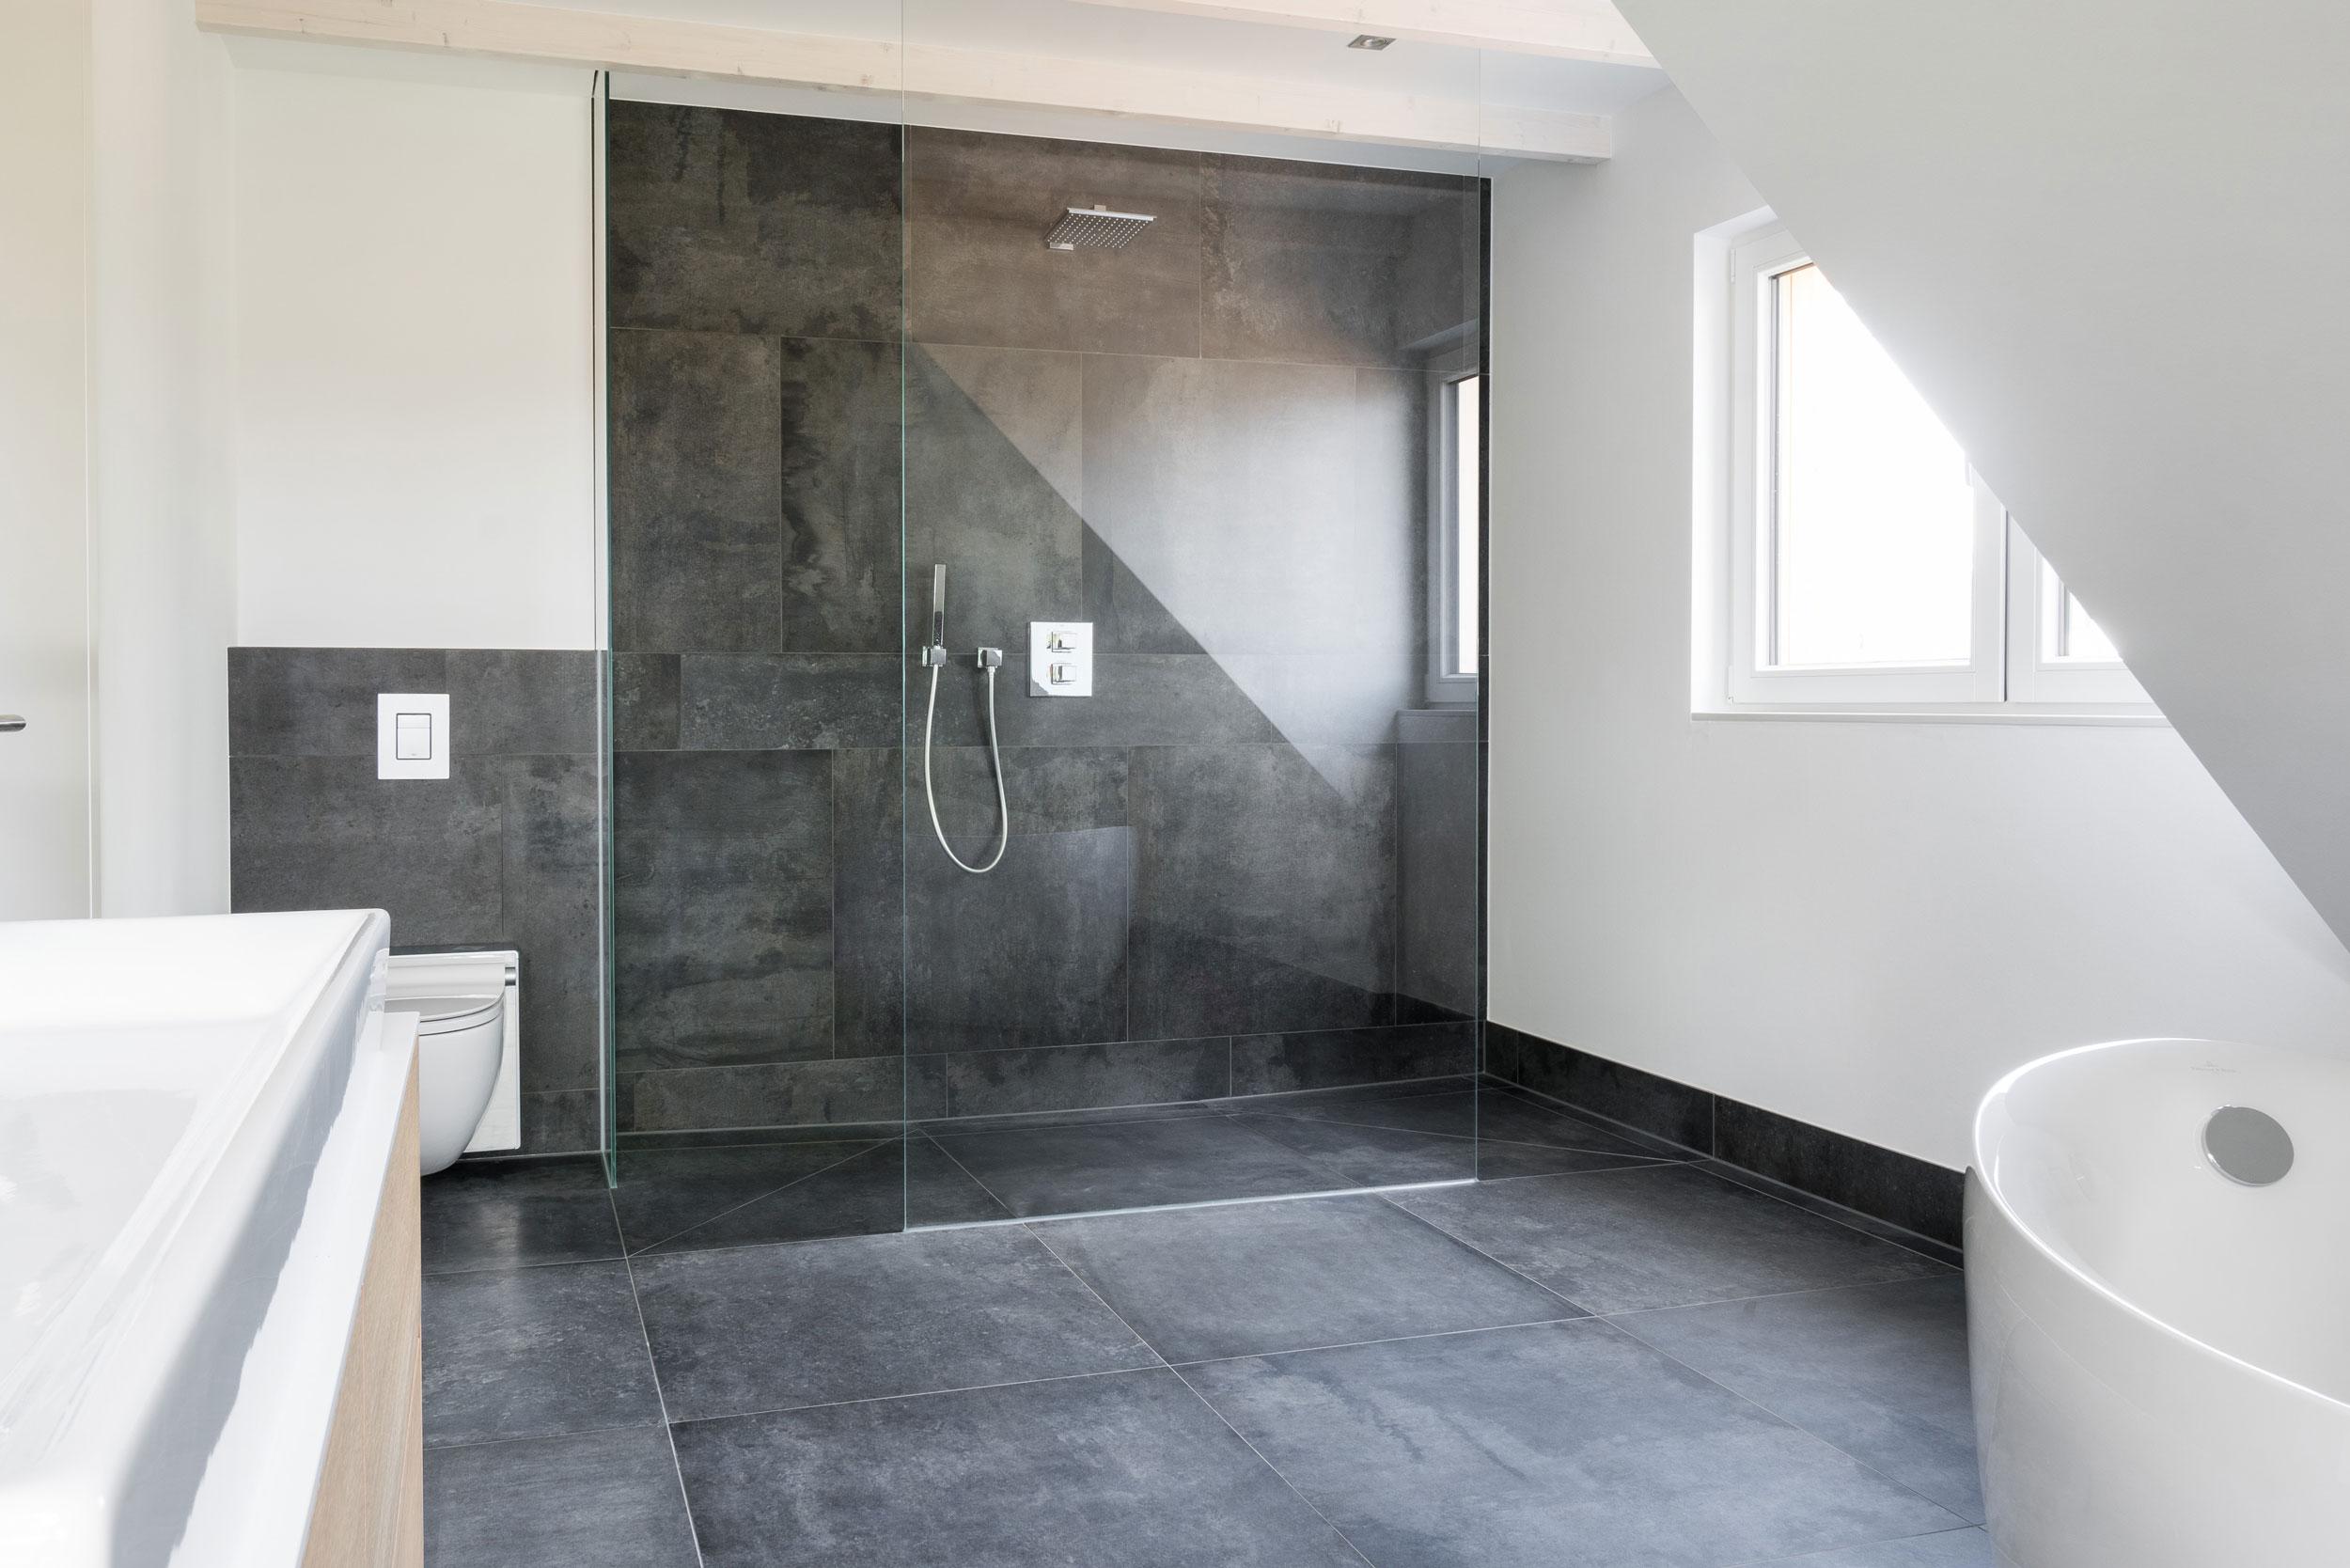 klassische fliesen badezimmer mediterraner stil sammlung. Black Bedroom Furniture Sets. Home Design Ideas